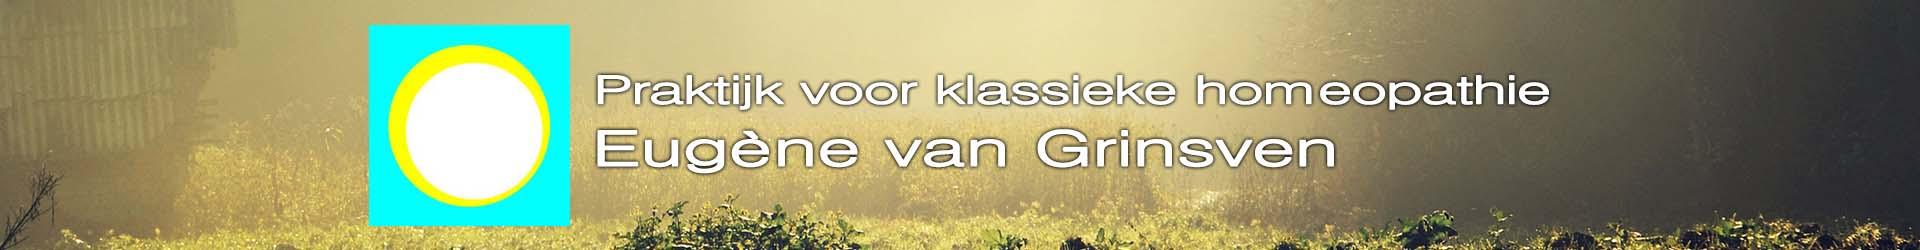 eugenevangrinsven.nl Logo